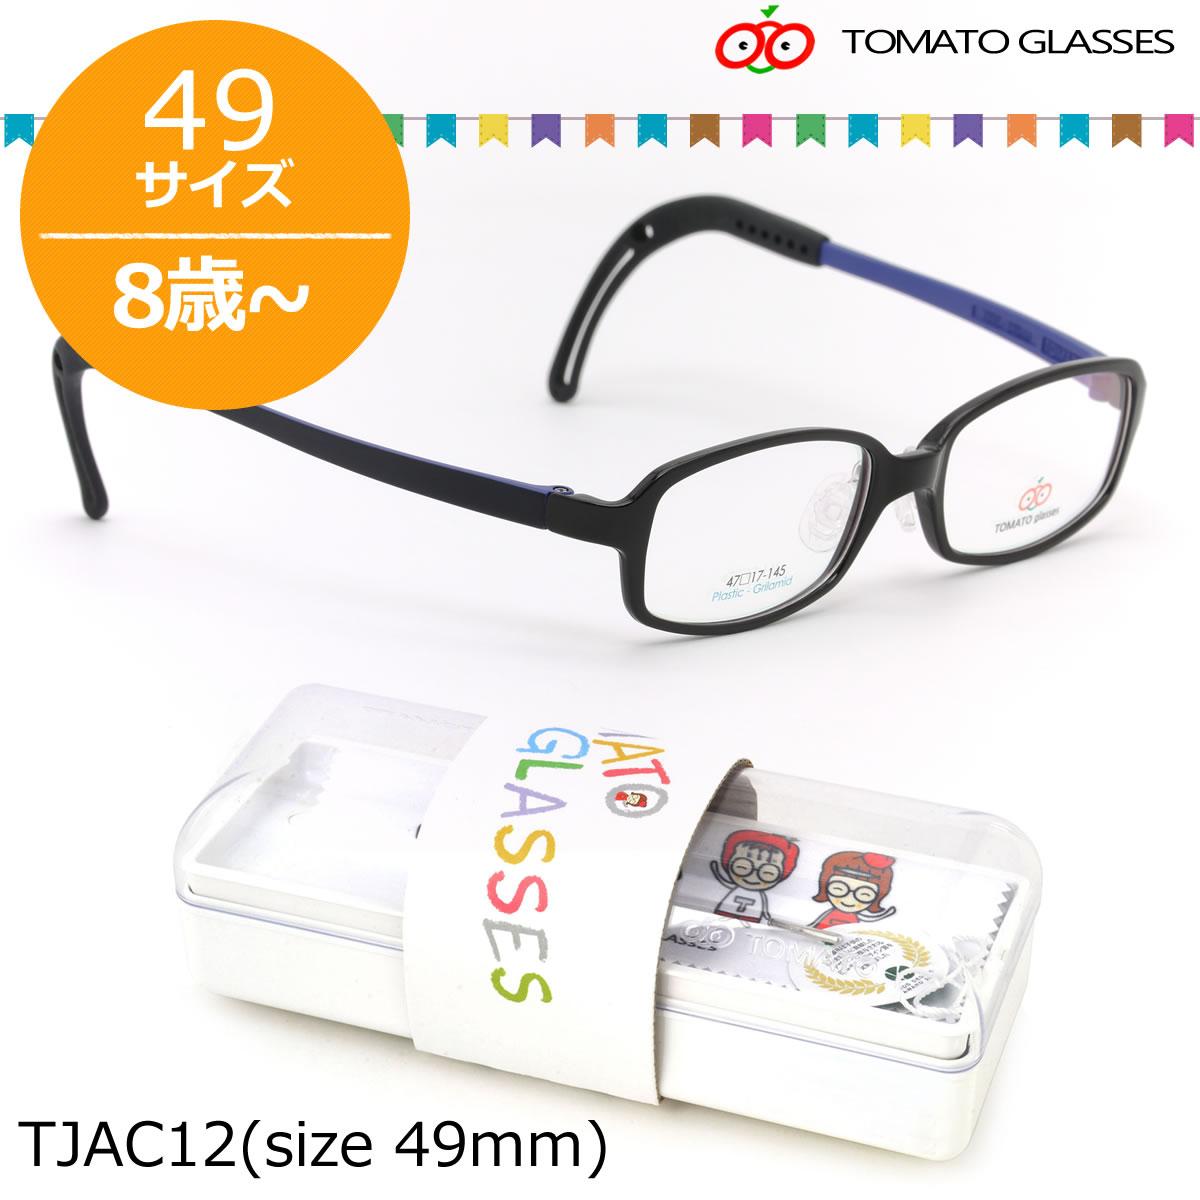 ほぼ全品ポイント15倍~最大43倍+3倍!お得なクーポンも! 【TOMATO GLASSES】(トマトグラッシーズ) キッズ用メガネ 度数付きレンズセット メガネ フレーム TJAC 12 49サイズ オシャレ おしゃれ おすすめ 可愛い 安全 安心 ジュニアA 軽量 柔らかい